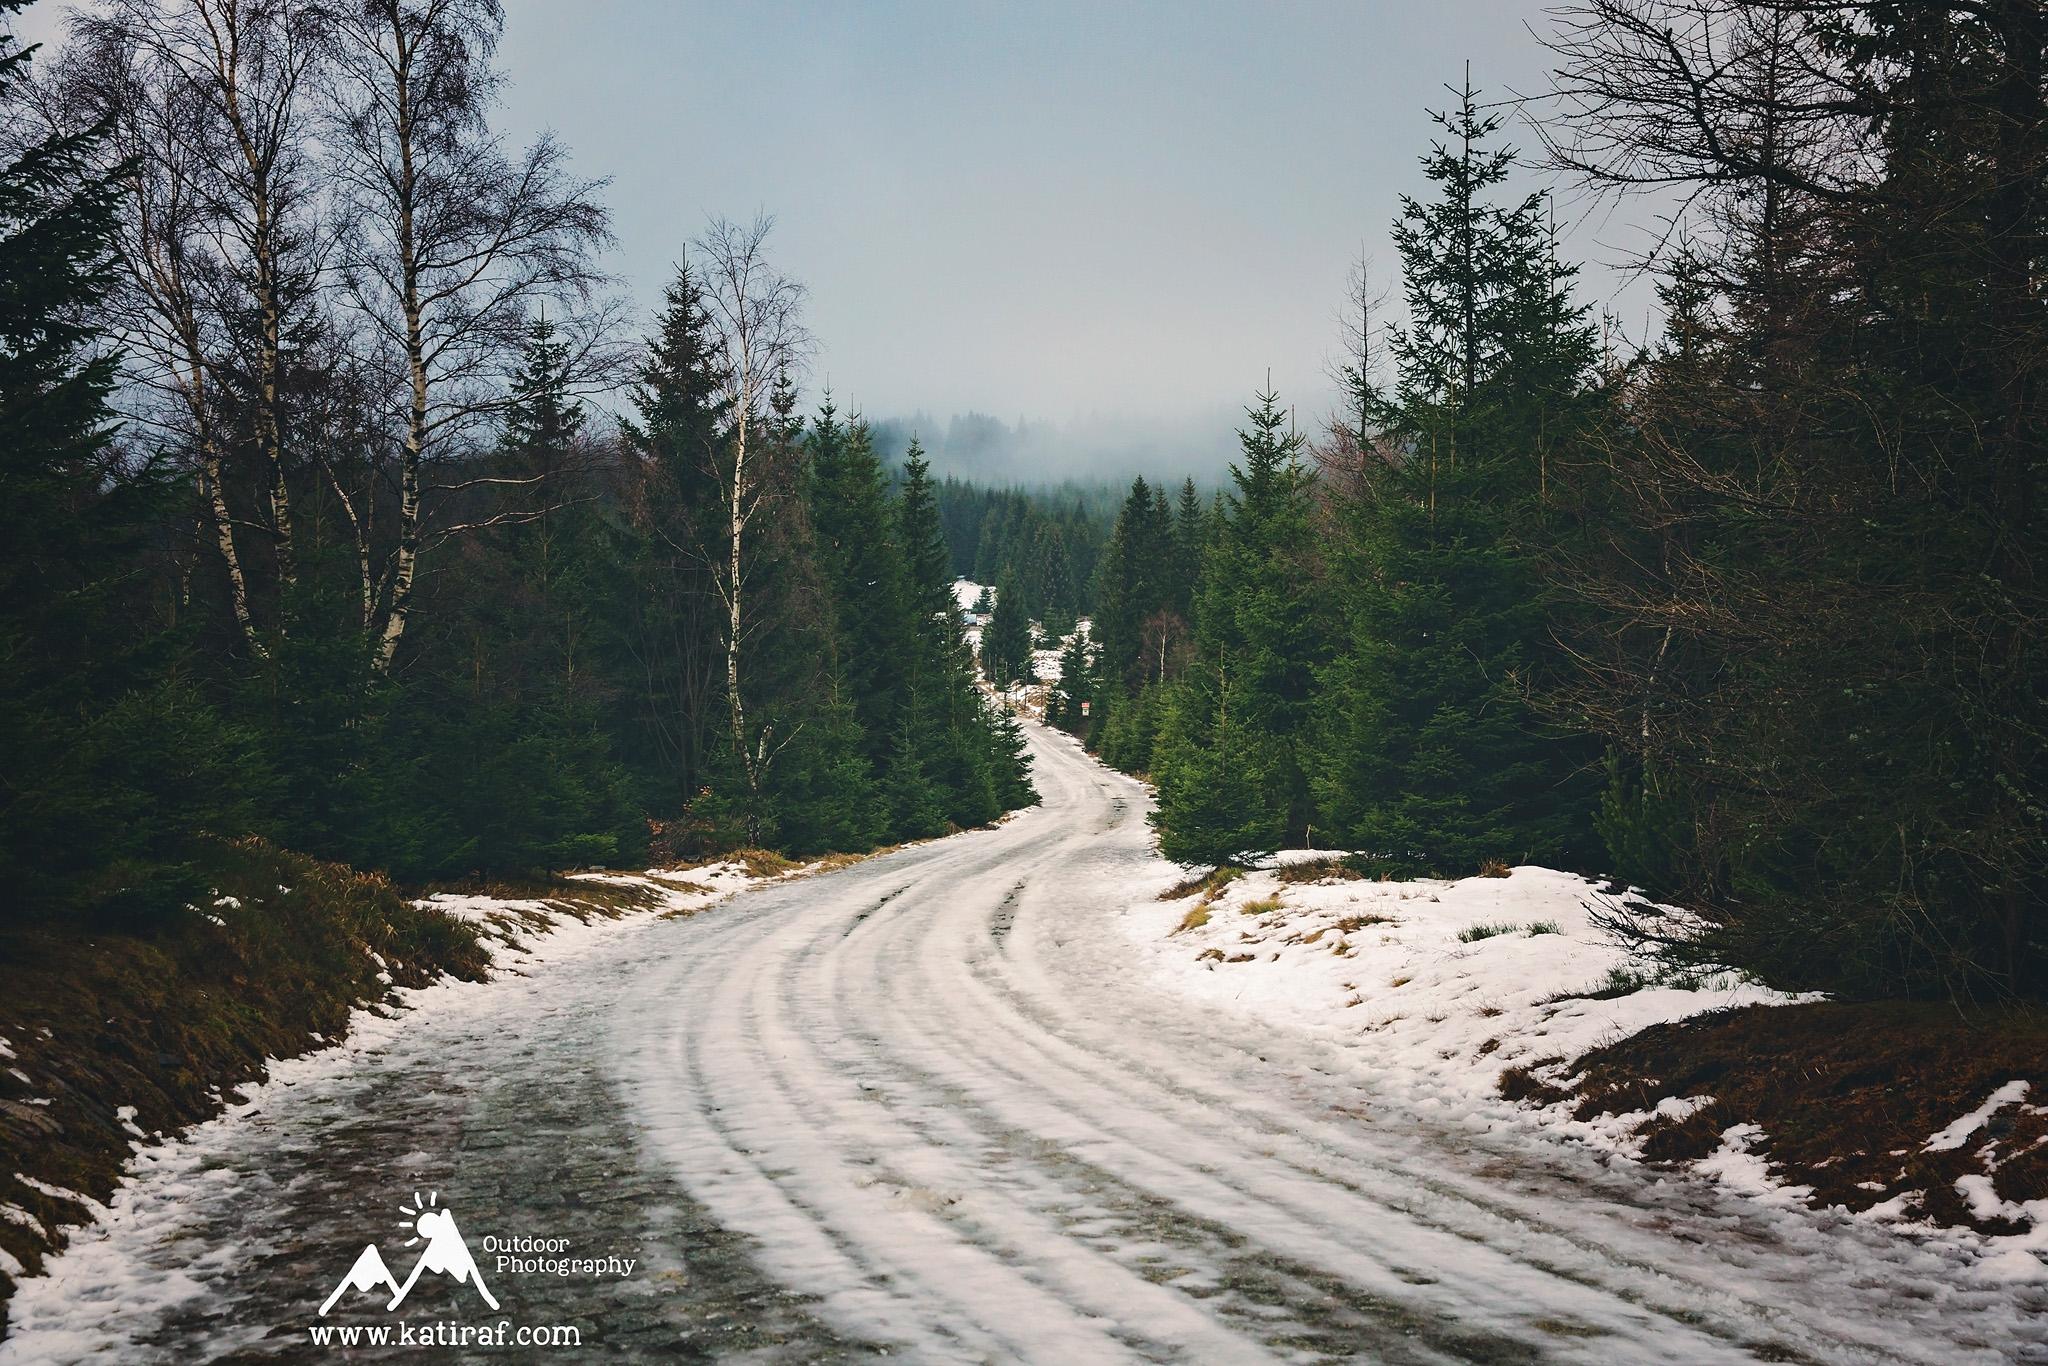 katiraf-karkonosze-samotnia-wedrowka-zima-gory-snieg